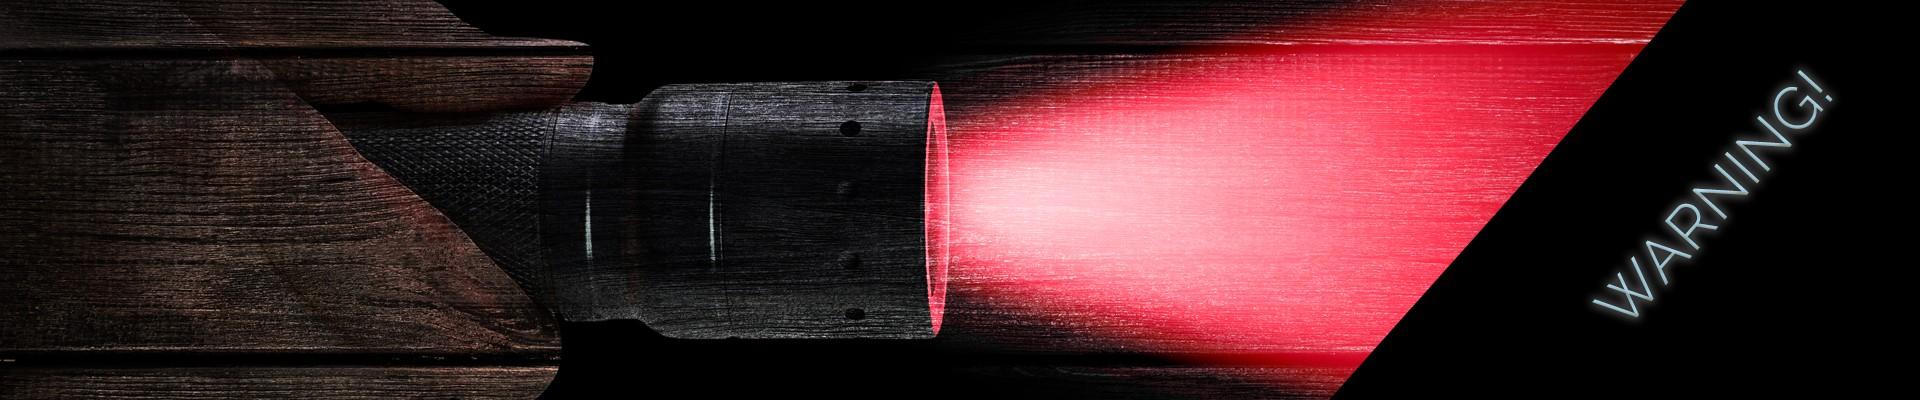 warning - red light flashlight